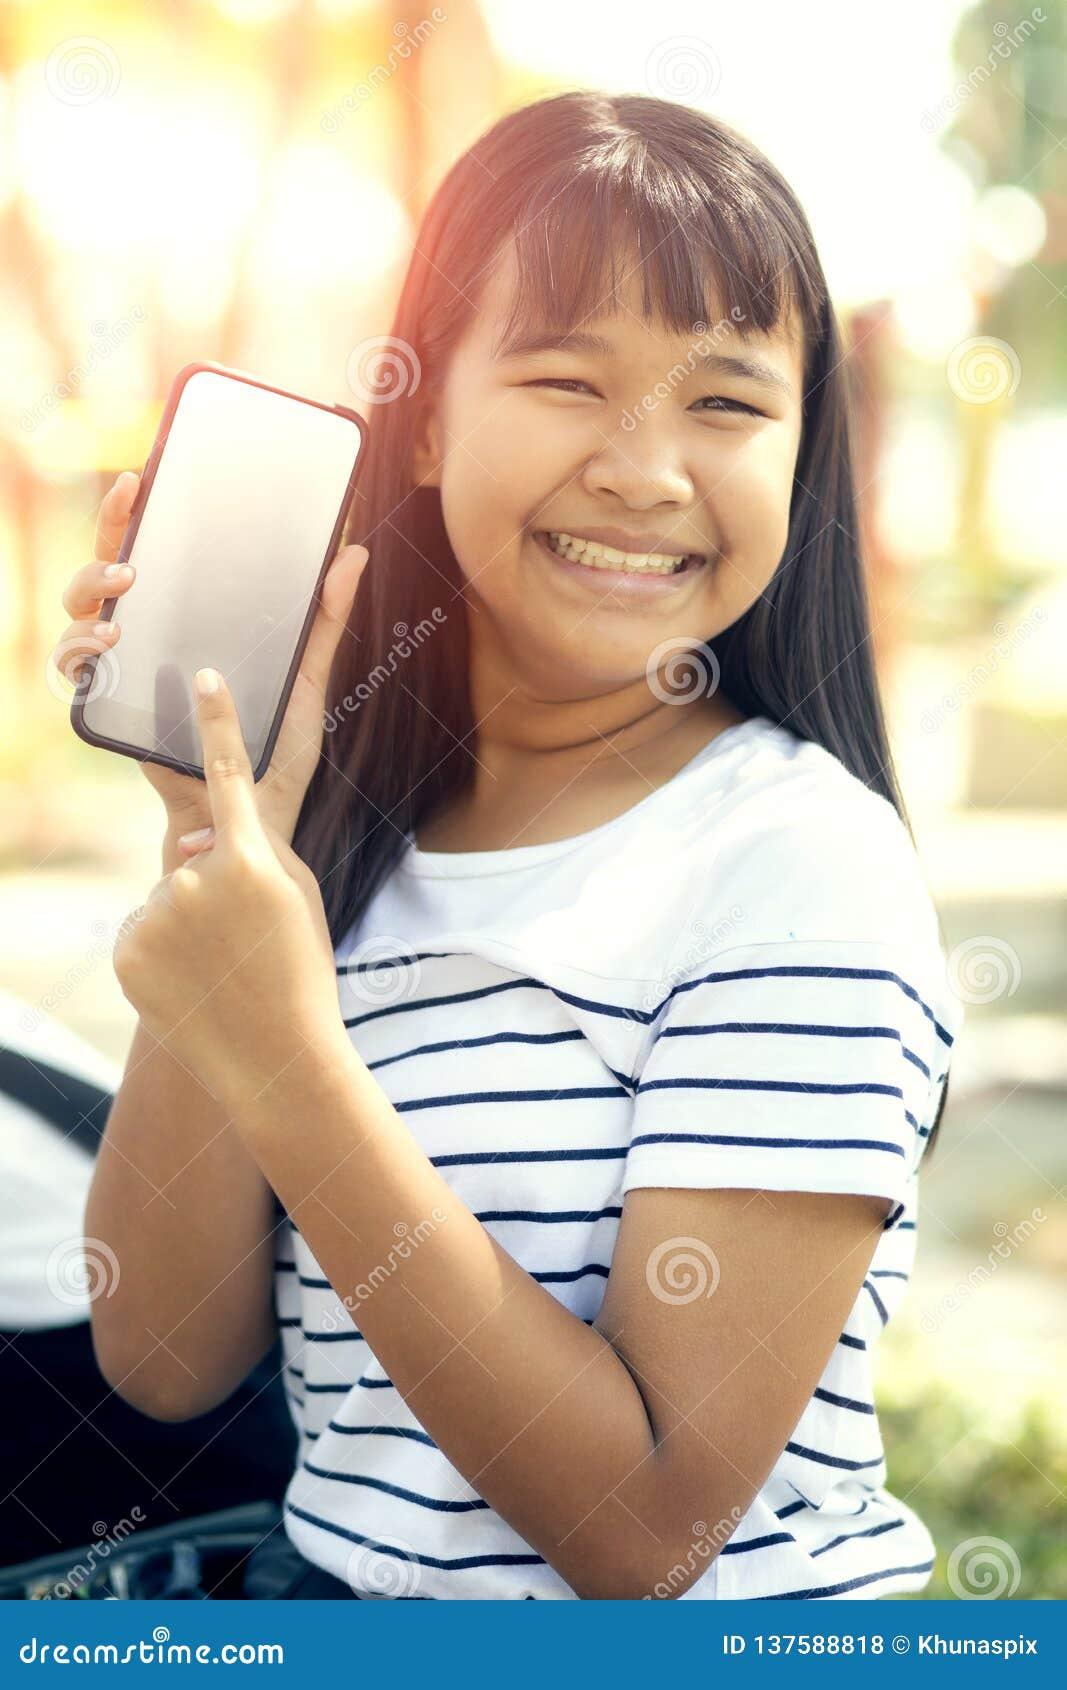 亚洲智能手机屏幕和暴牙的笑容幸福情感少年展示白色屏幕